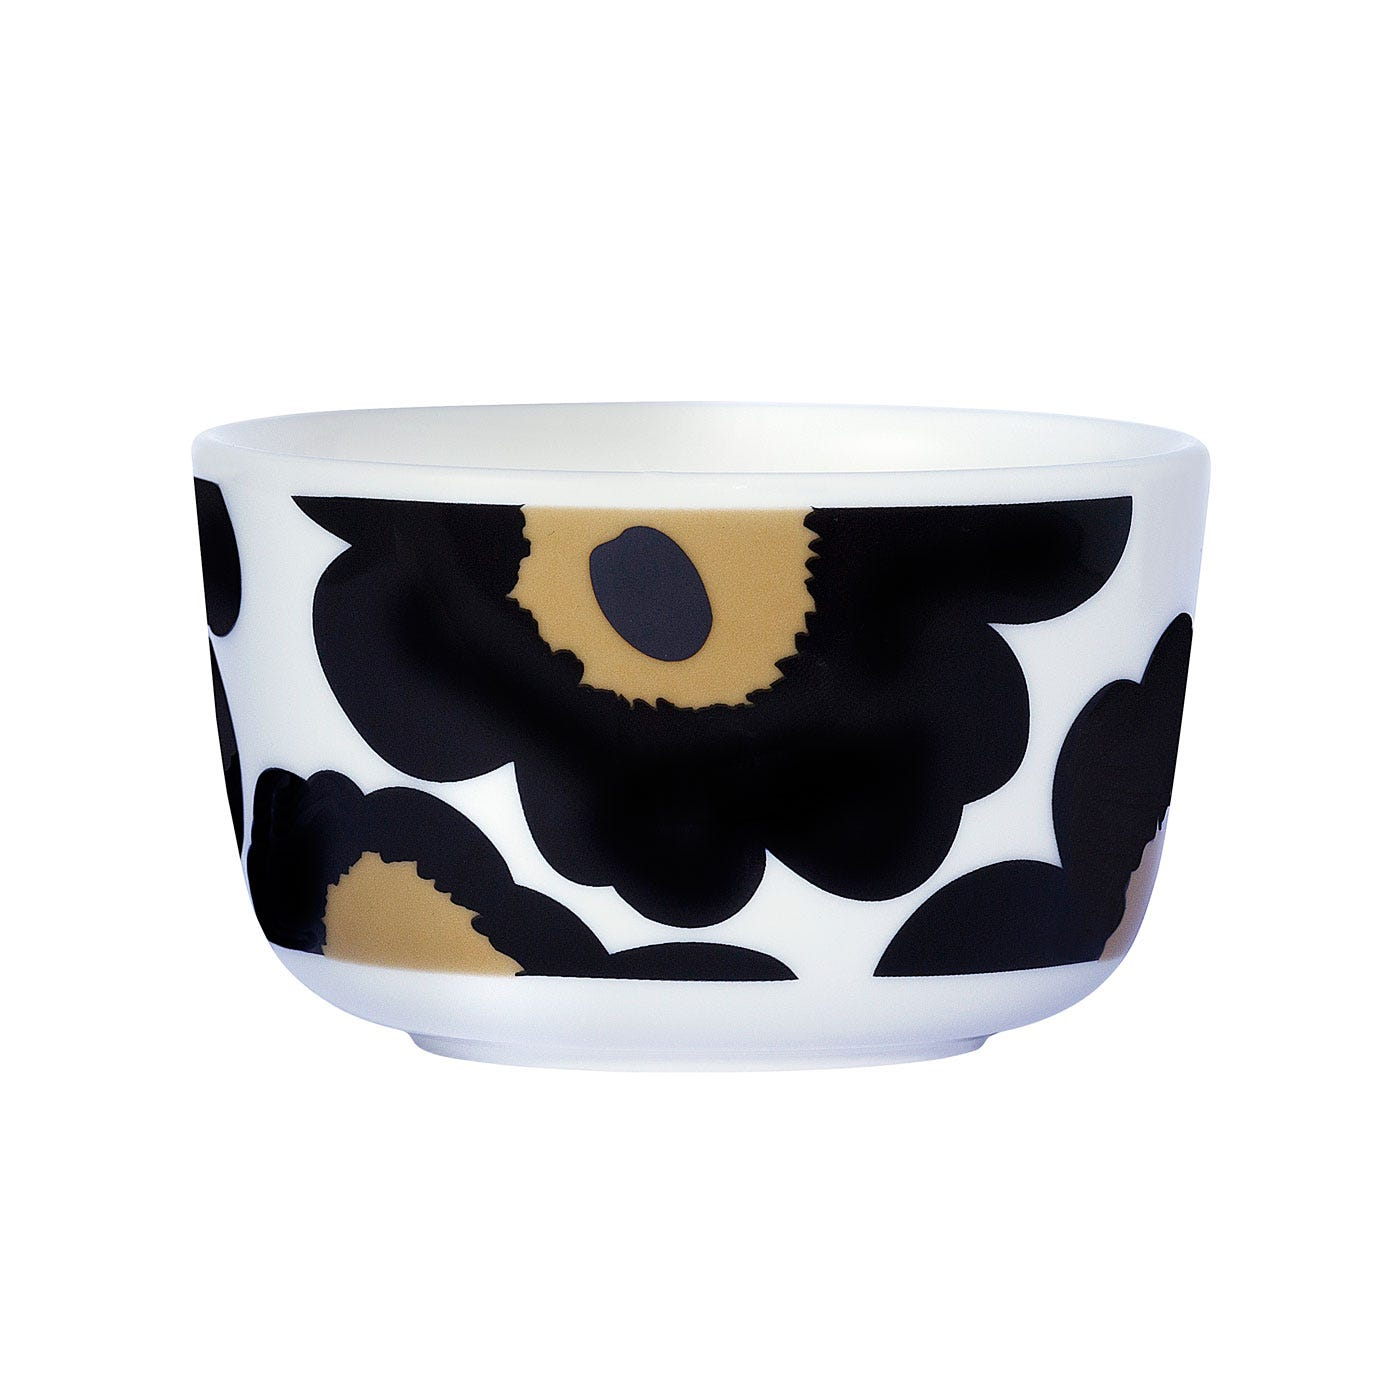 Marimekko Unikko Black Small Bowl